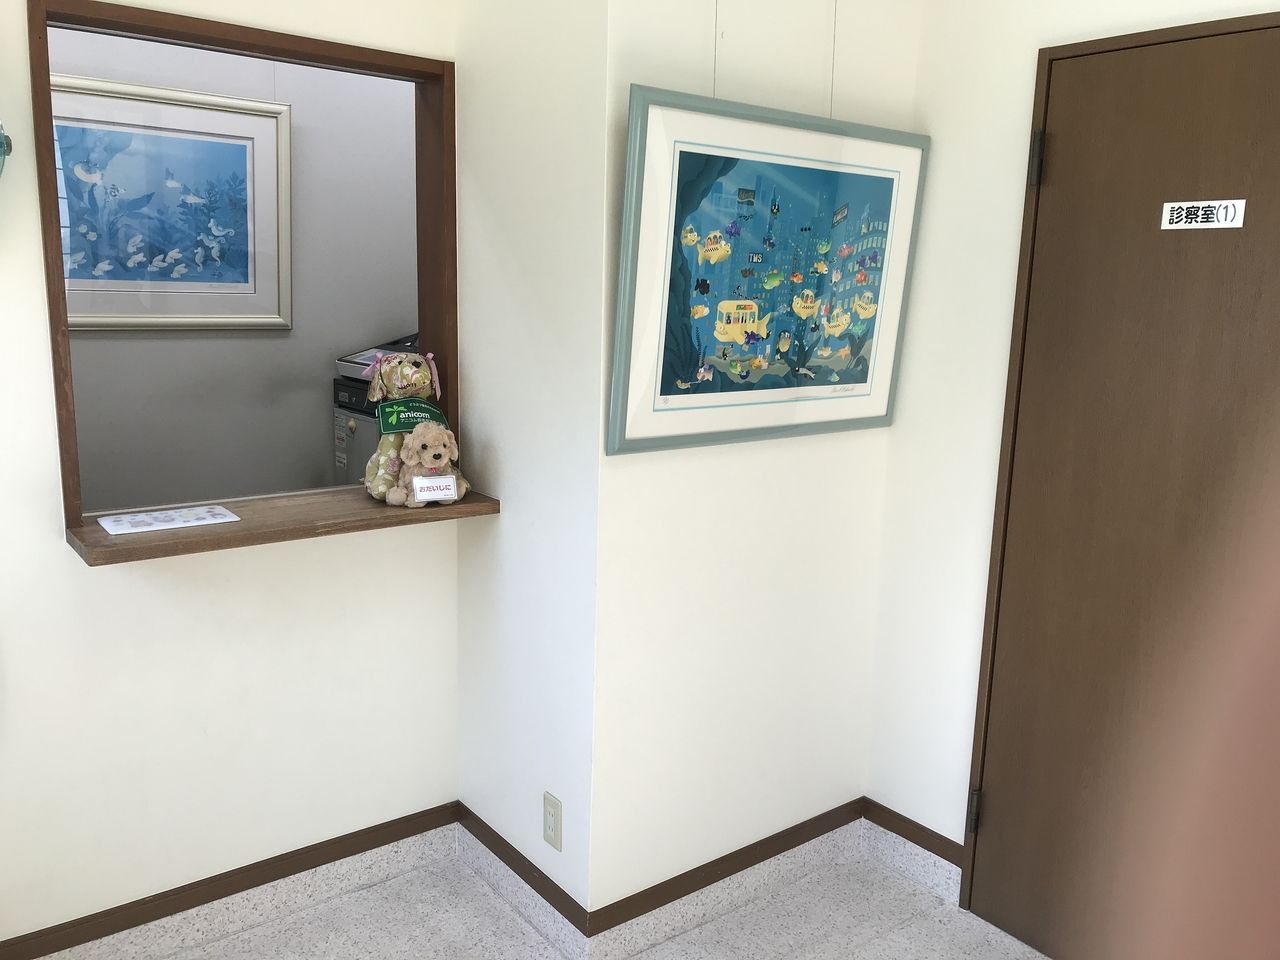 行徳のトシ動物病院の受付&待合室